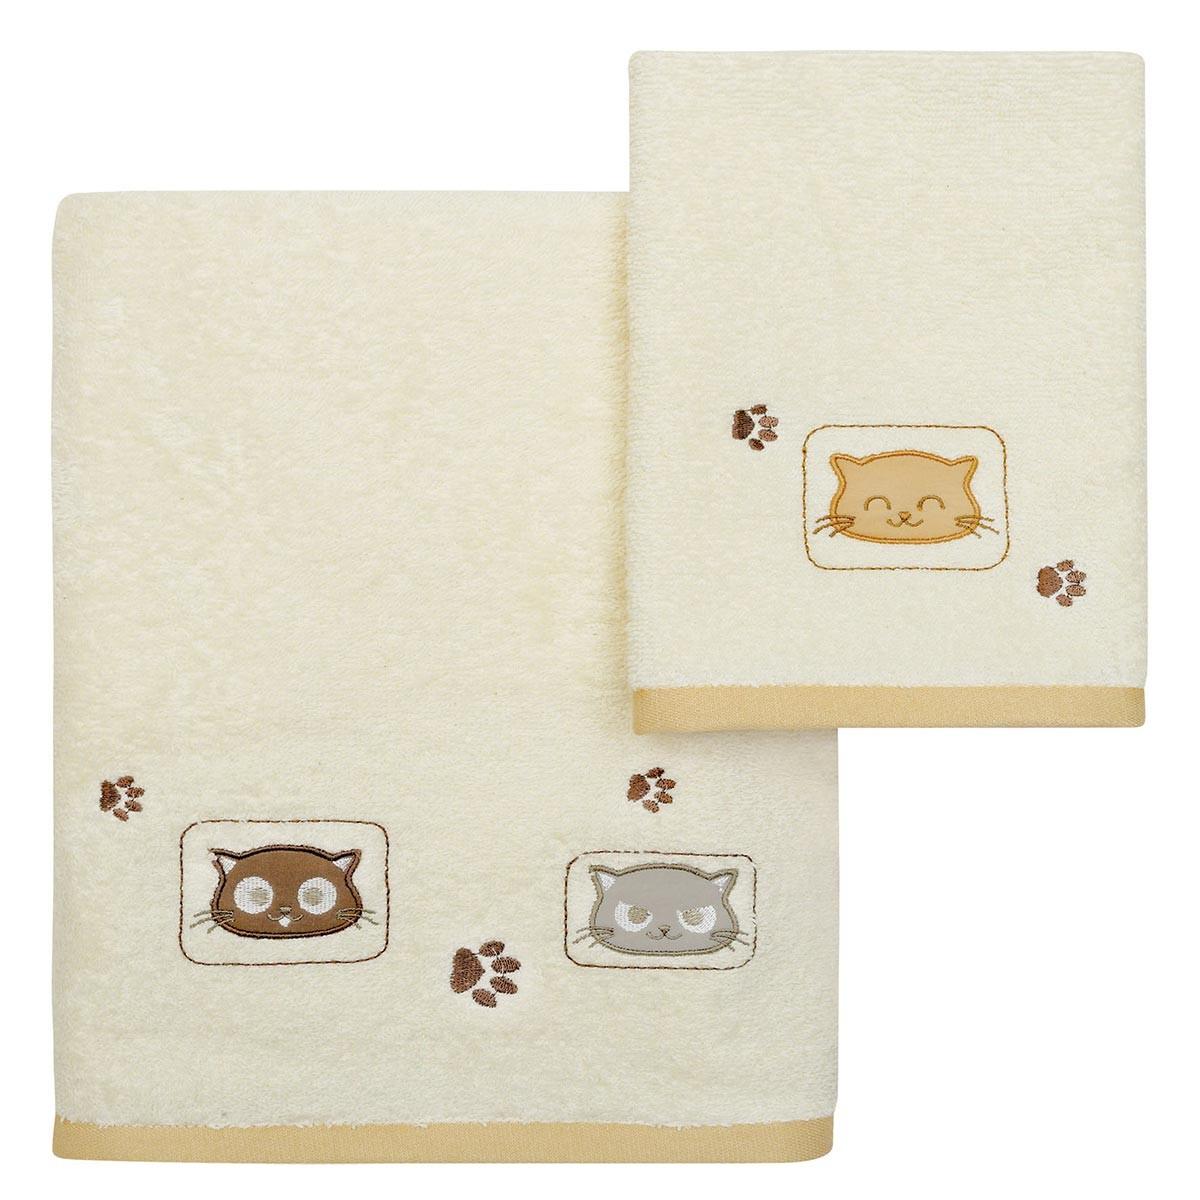 Βρεφικές Πετσέτες (Σετ) Das Home Fun Line 6399